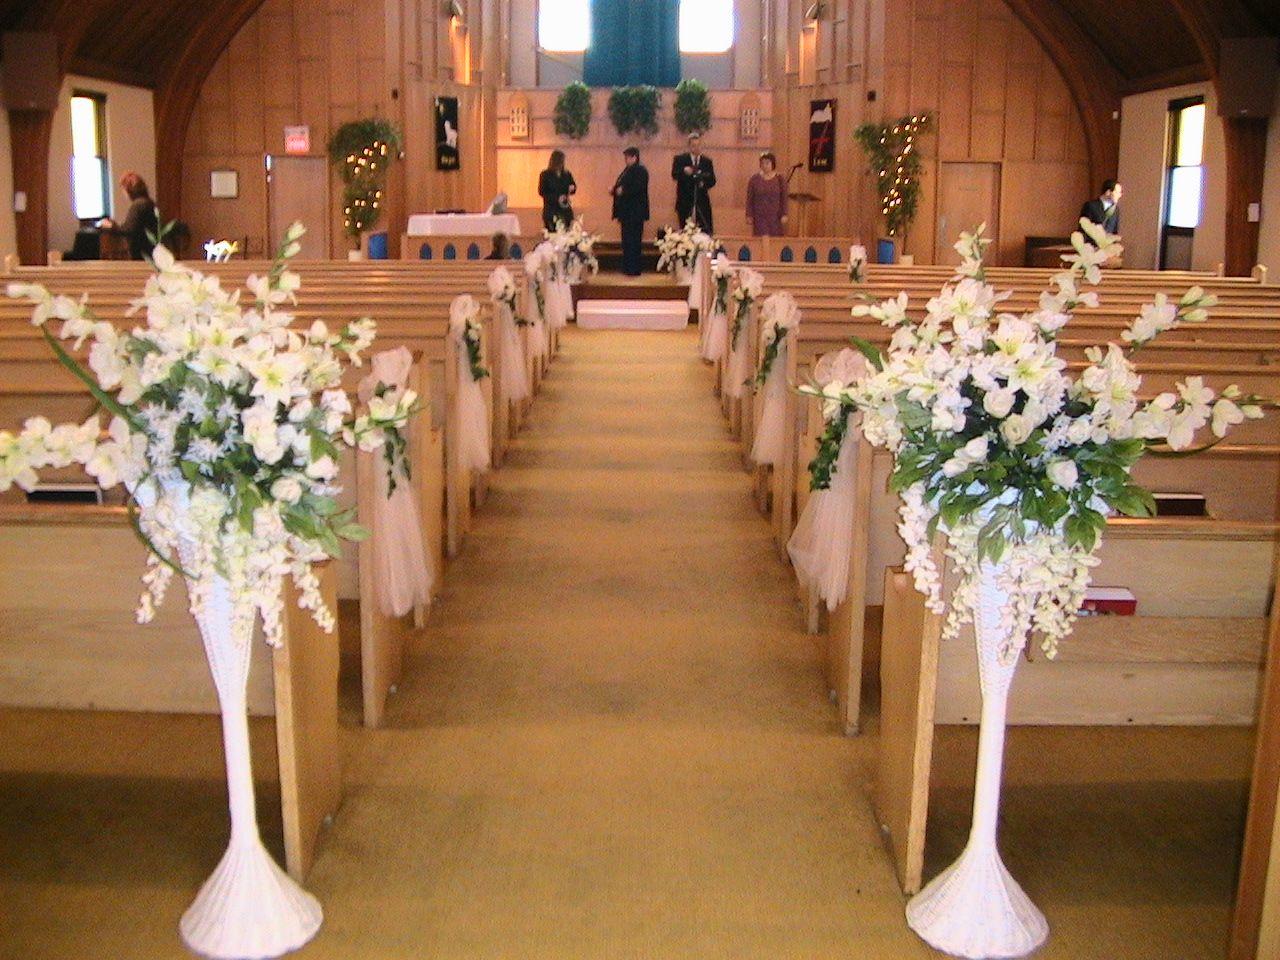 wedding decorations for church | Download Wedding Church ...